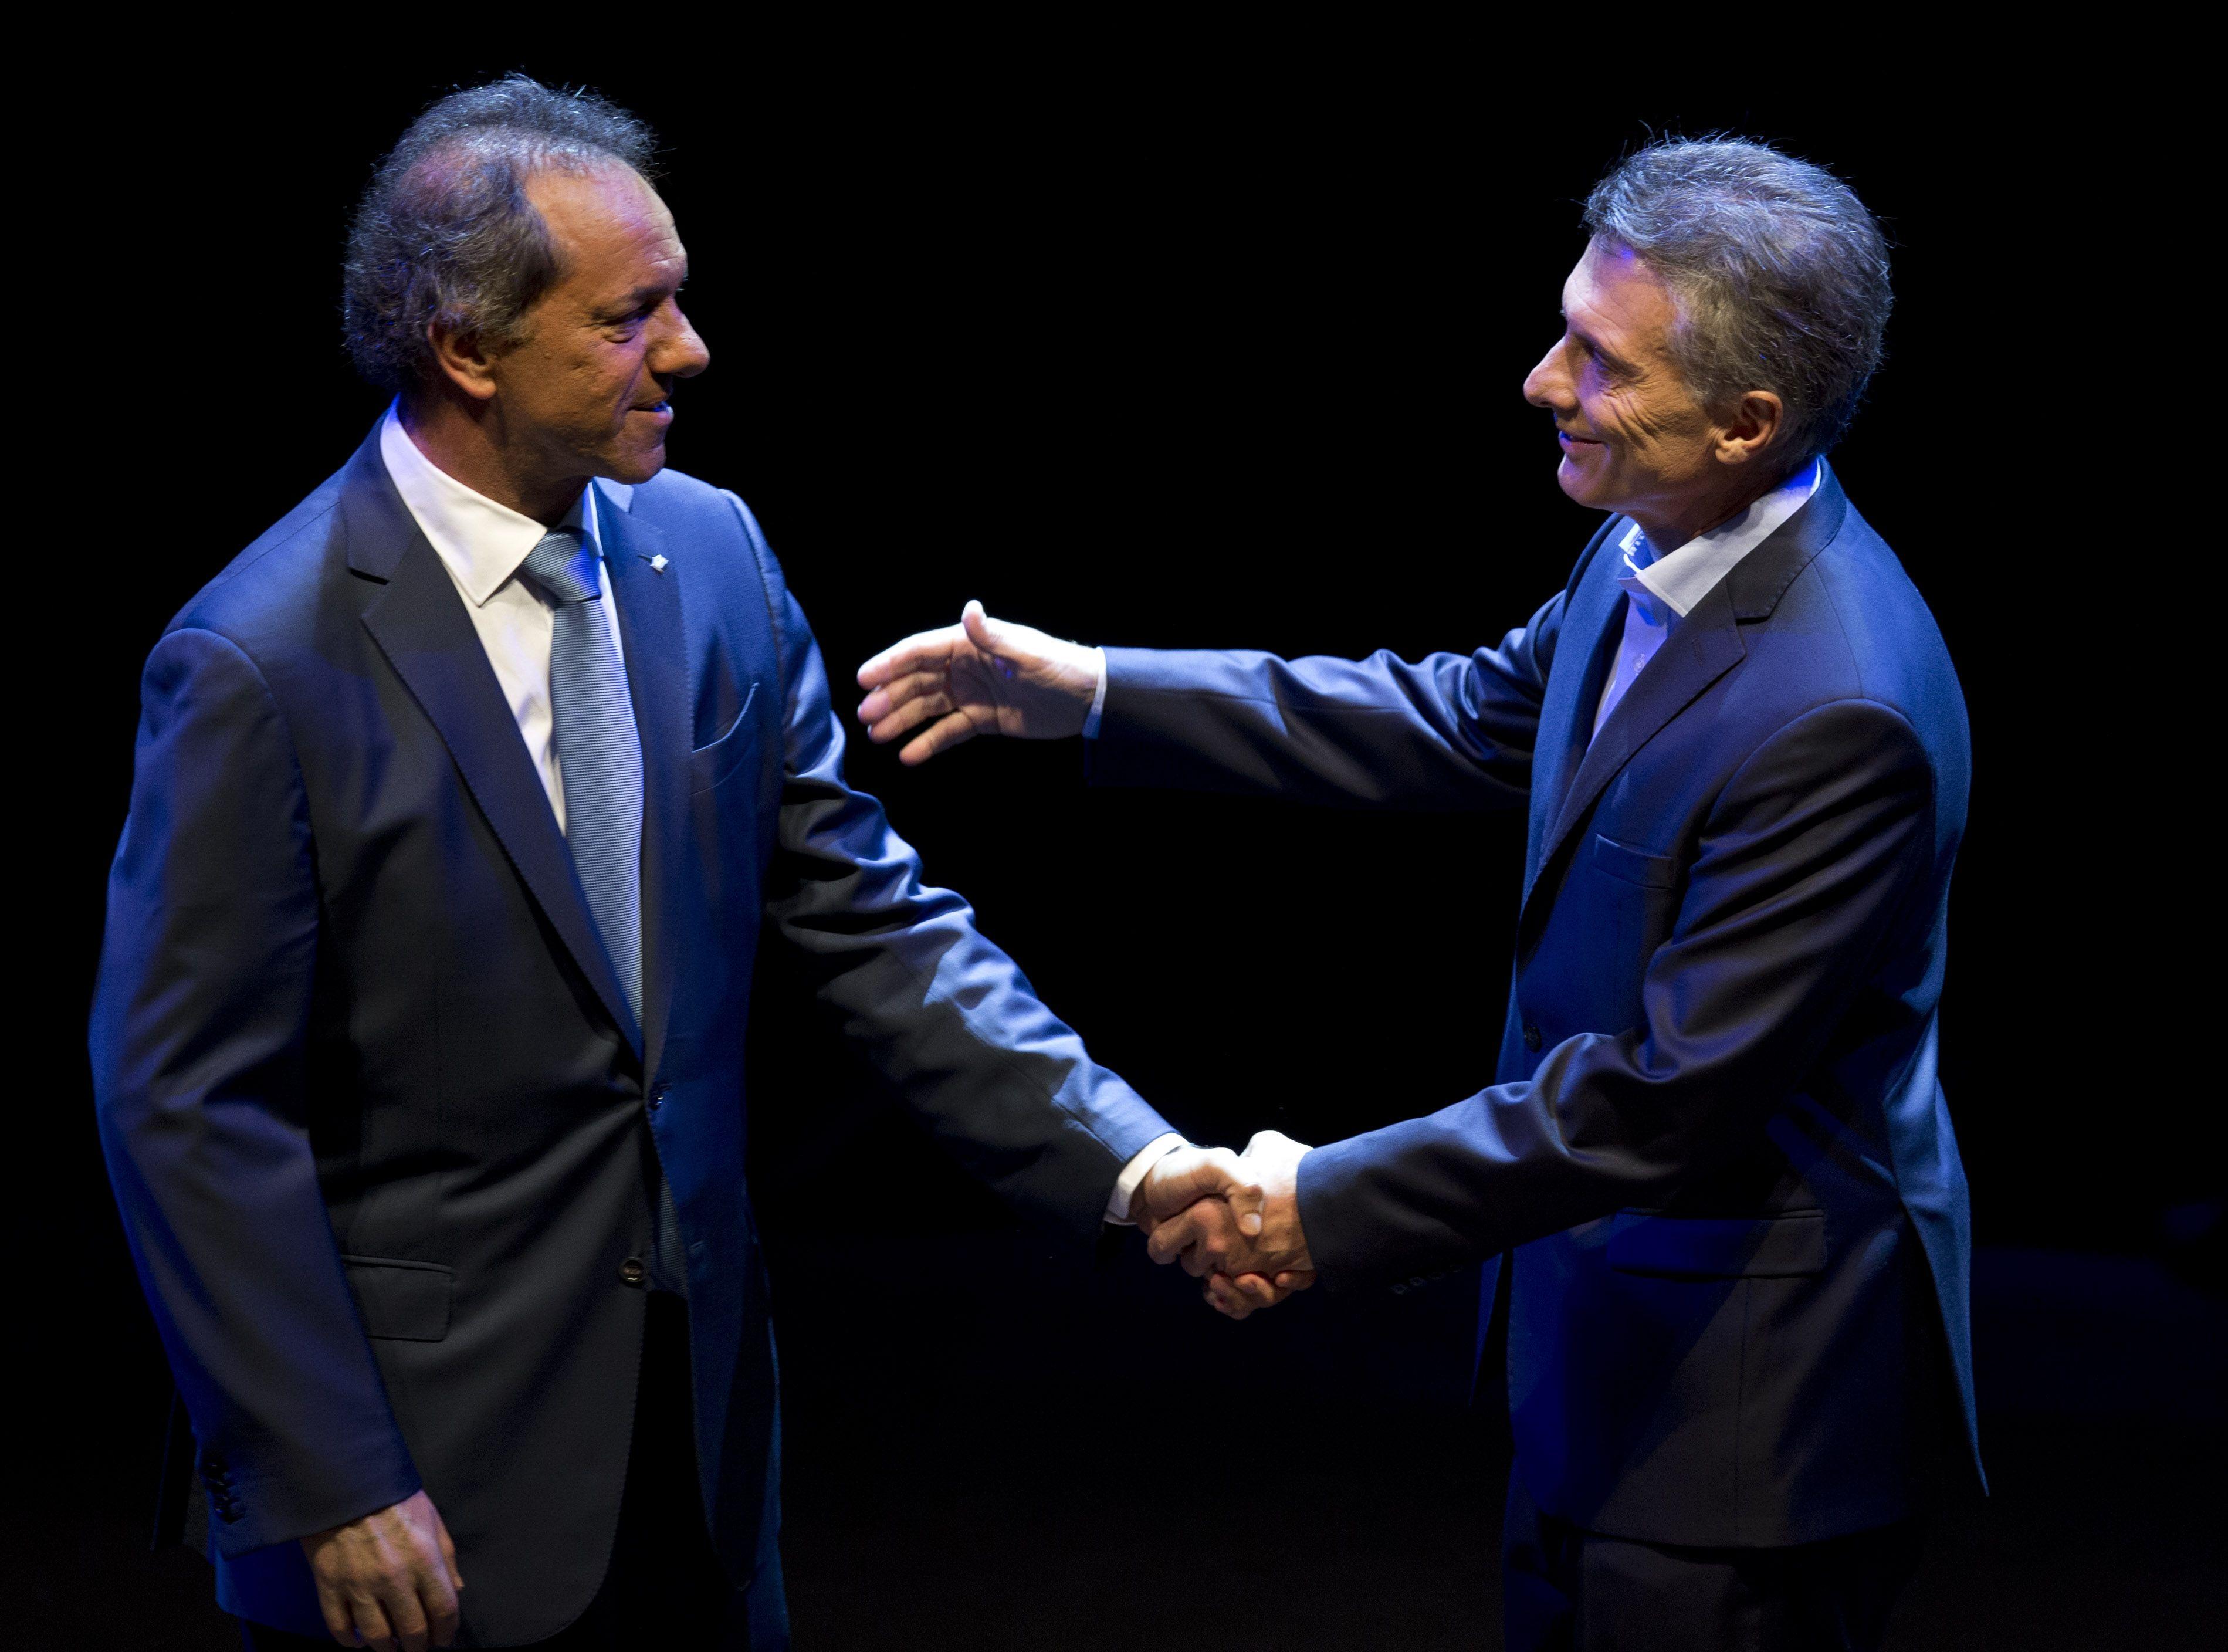 Scioli aseguró que su futuro es el de un ciudadano común con grandes responsabilidades.